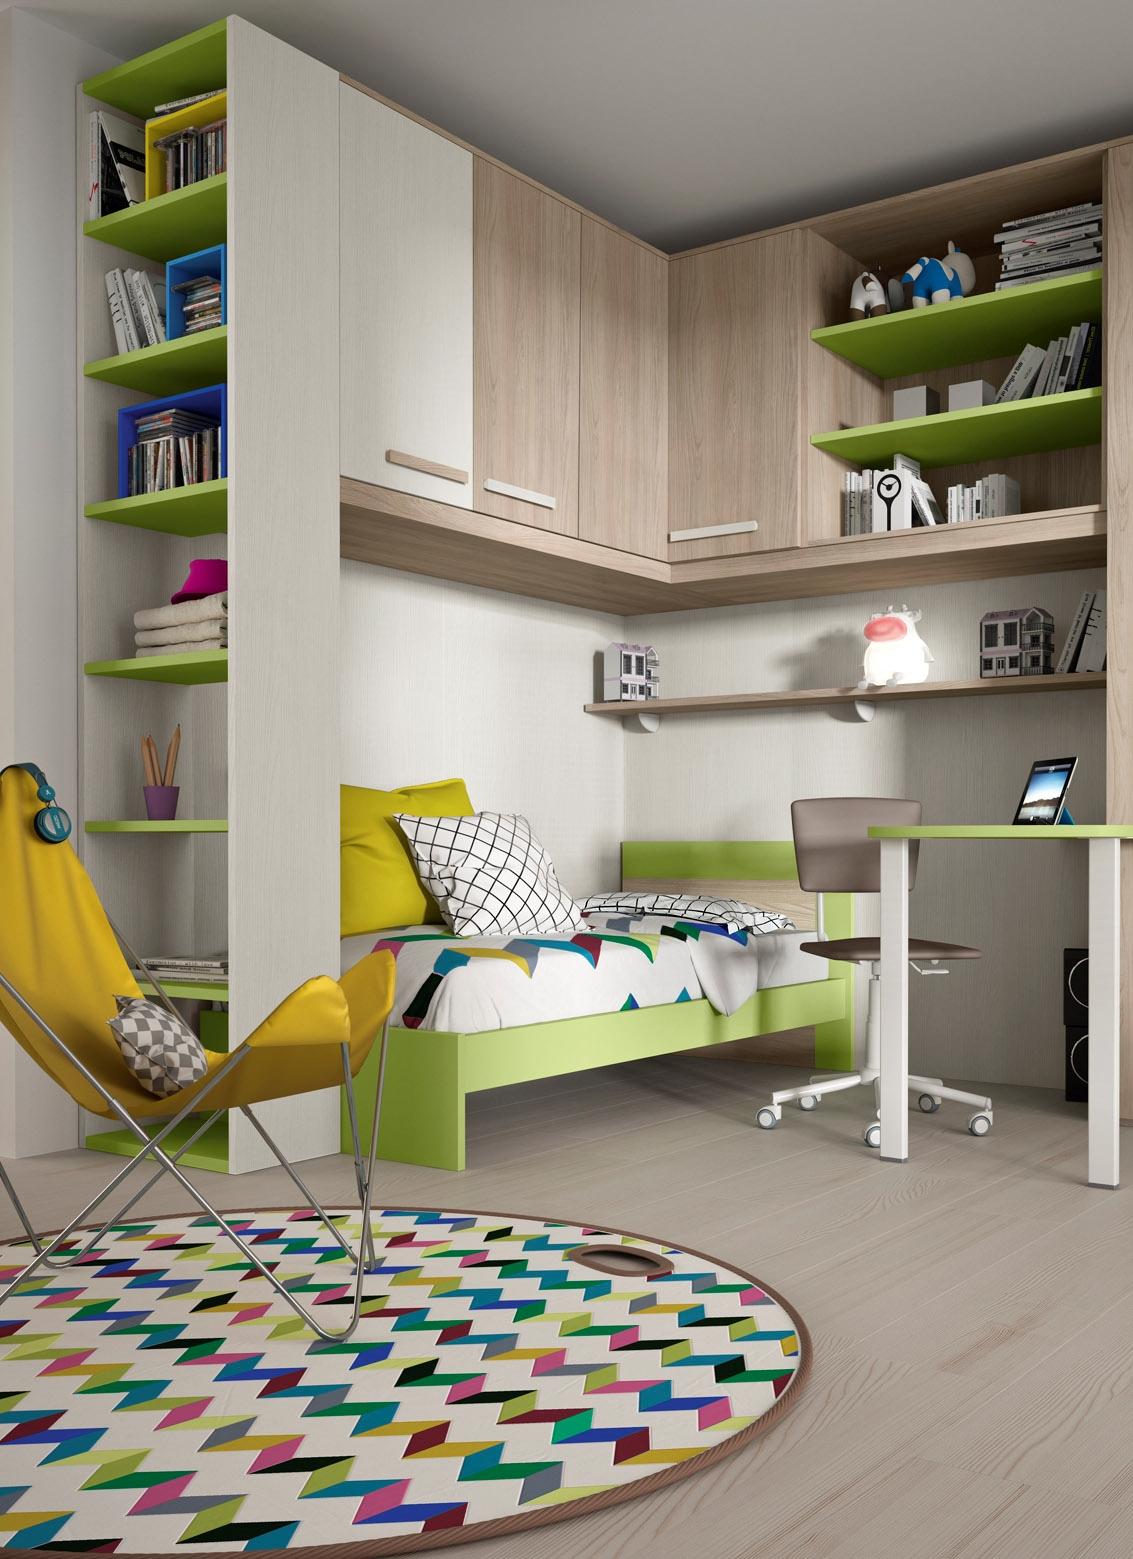 Cameretta angolare con un letto colorata camerette a prezzi scontati - Camera per bambini usata ...